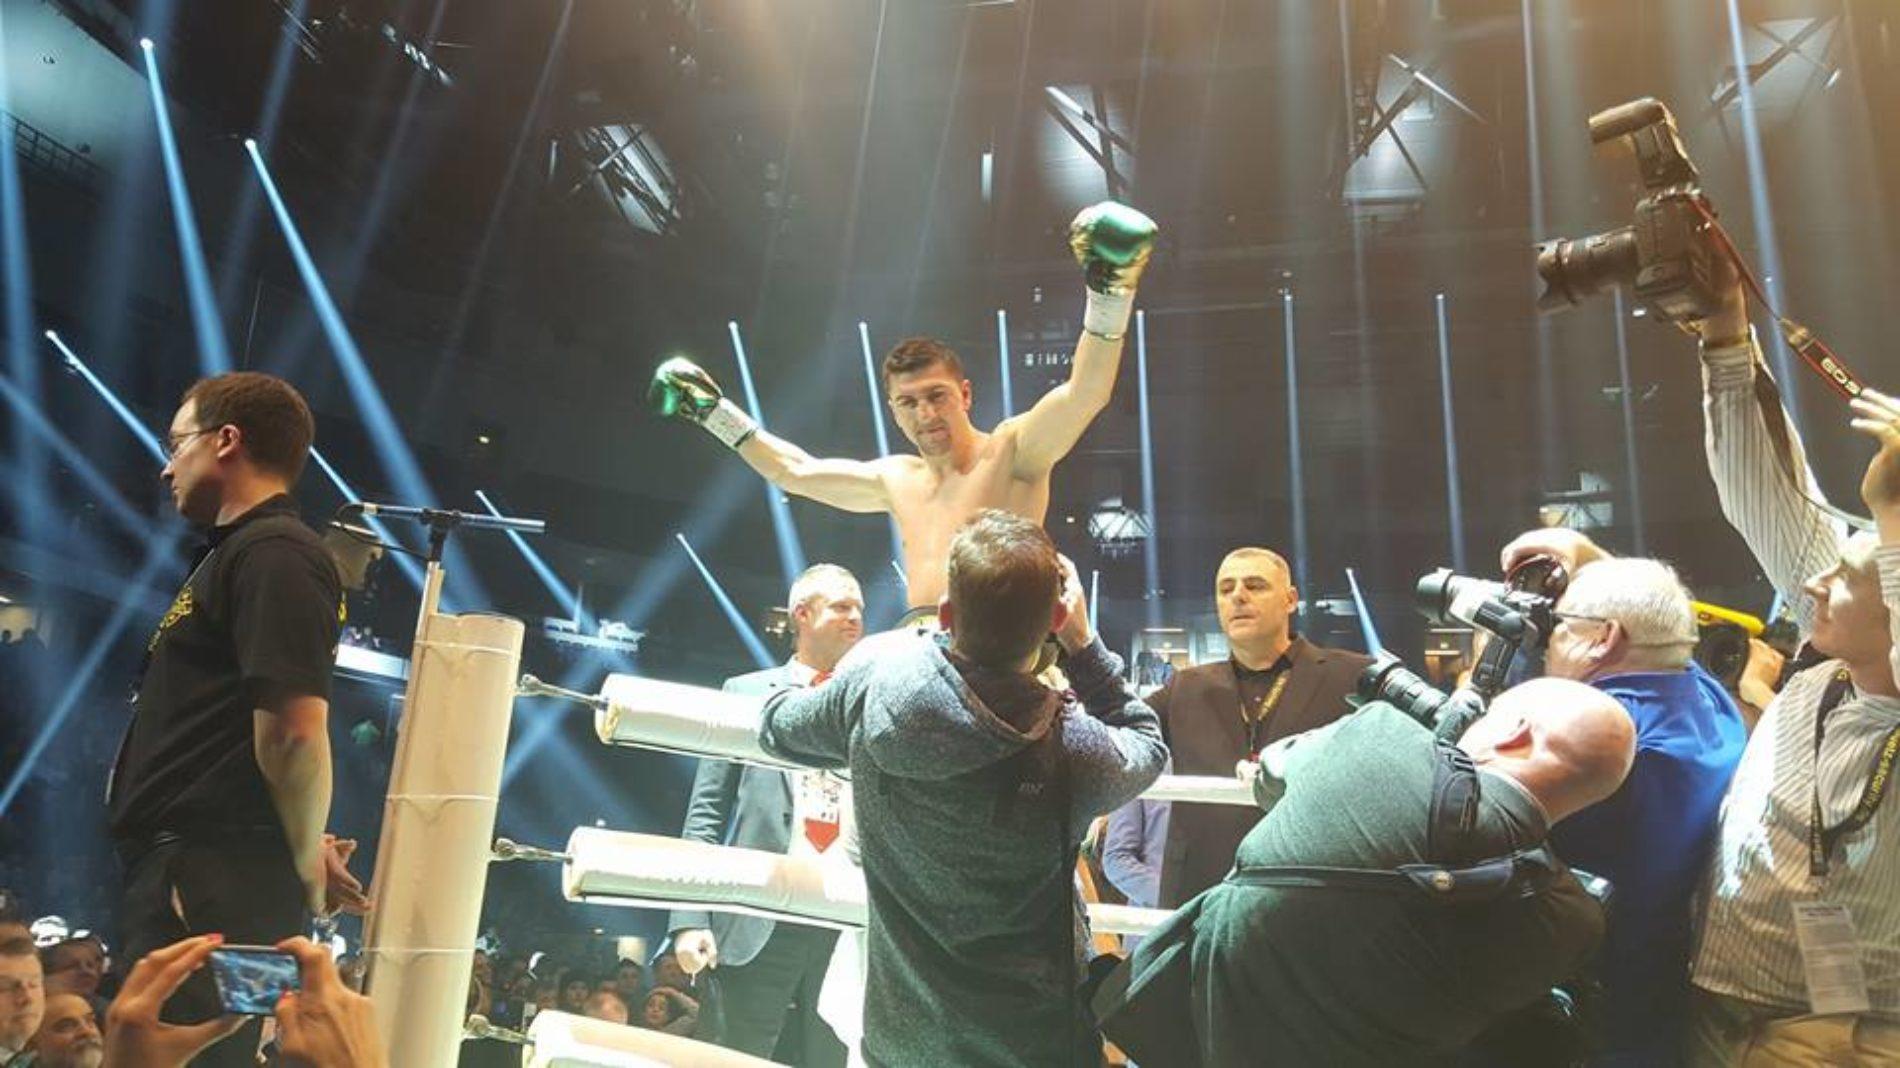 BOKS: Sandžaklija Muamer Hukić odbranio titulu svjetskog prvaka